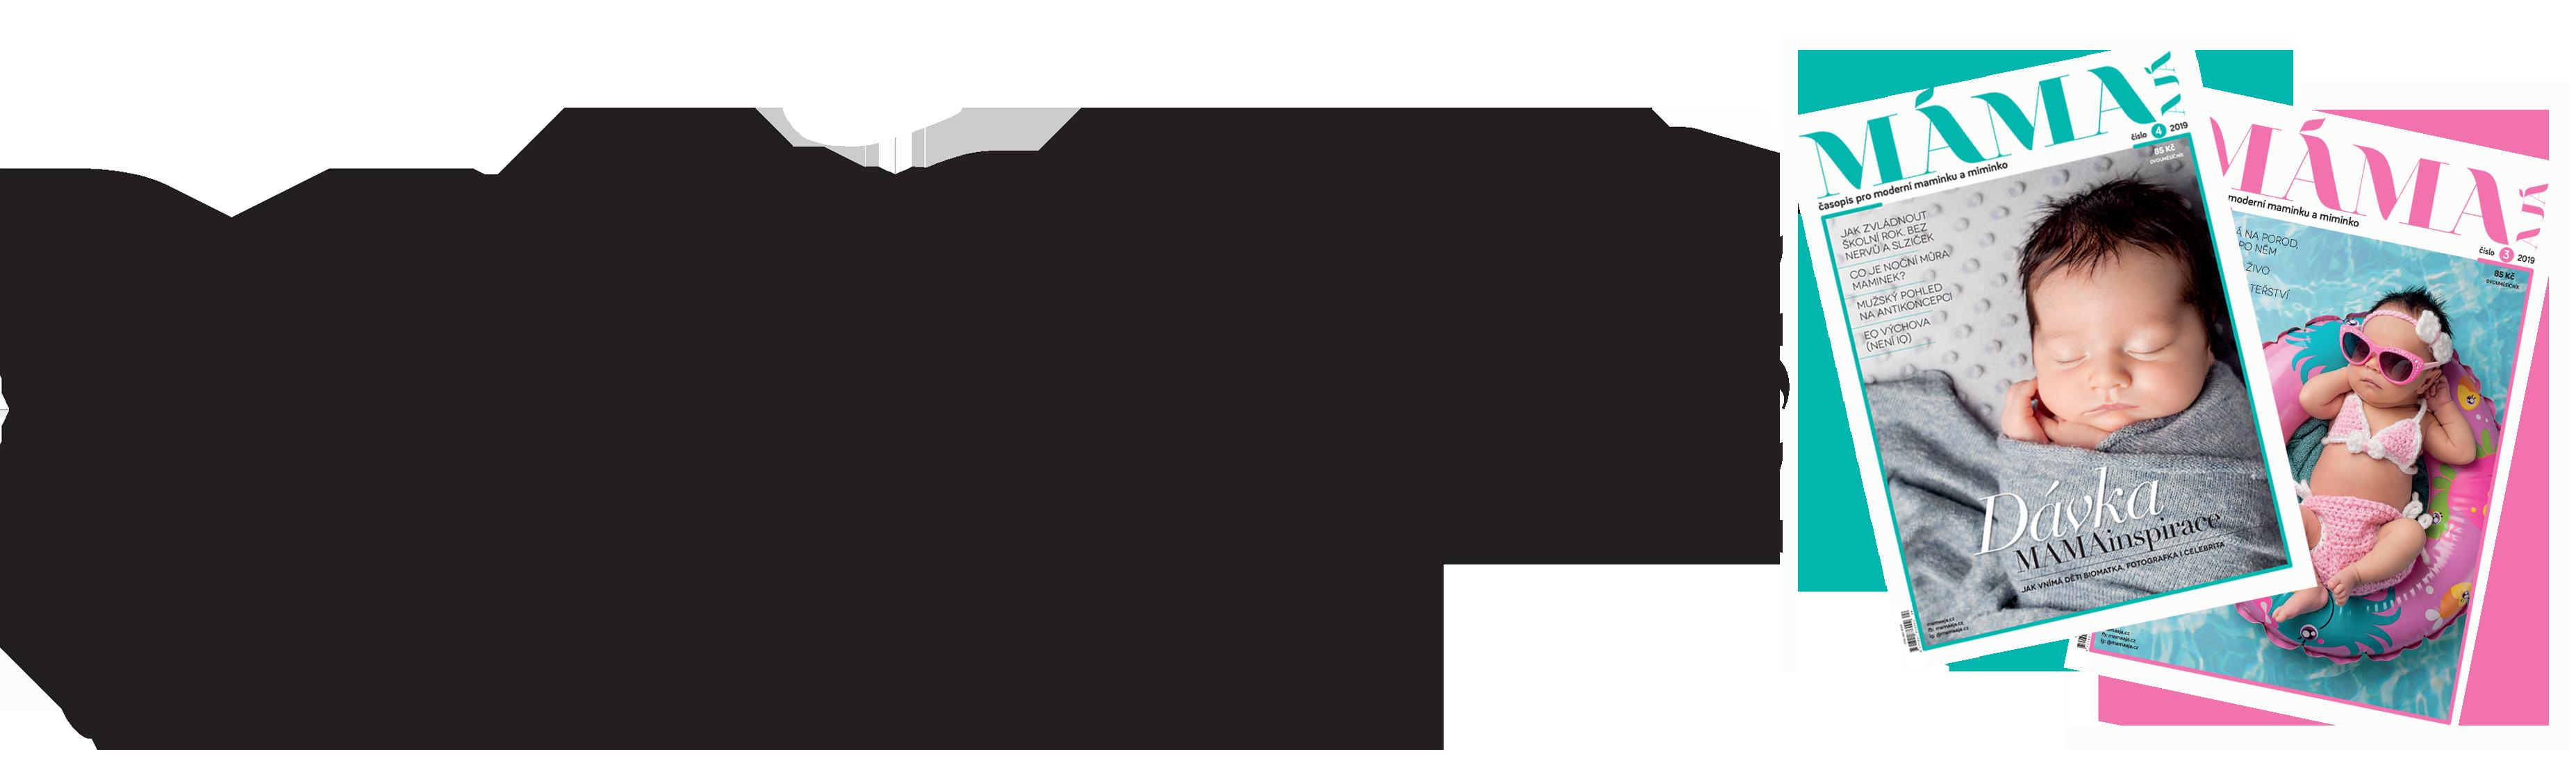 máma logo